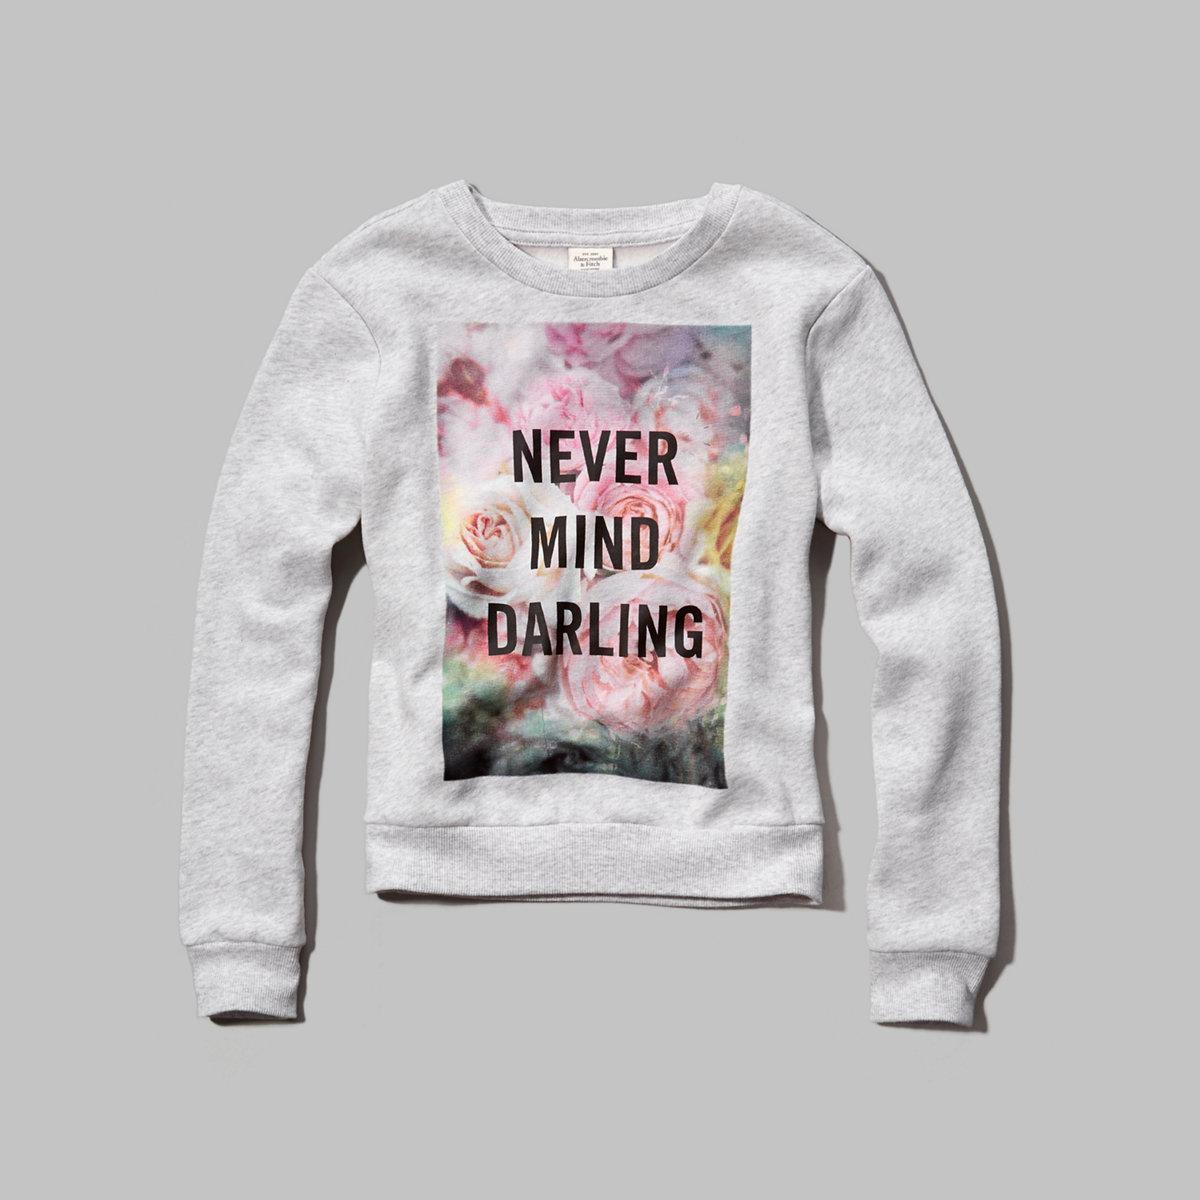 Photoreal Sweatshirt